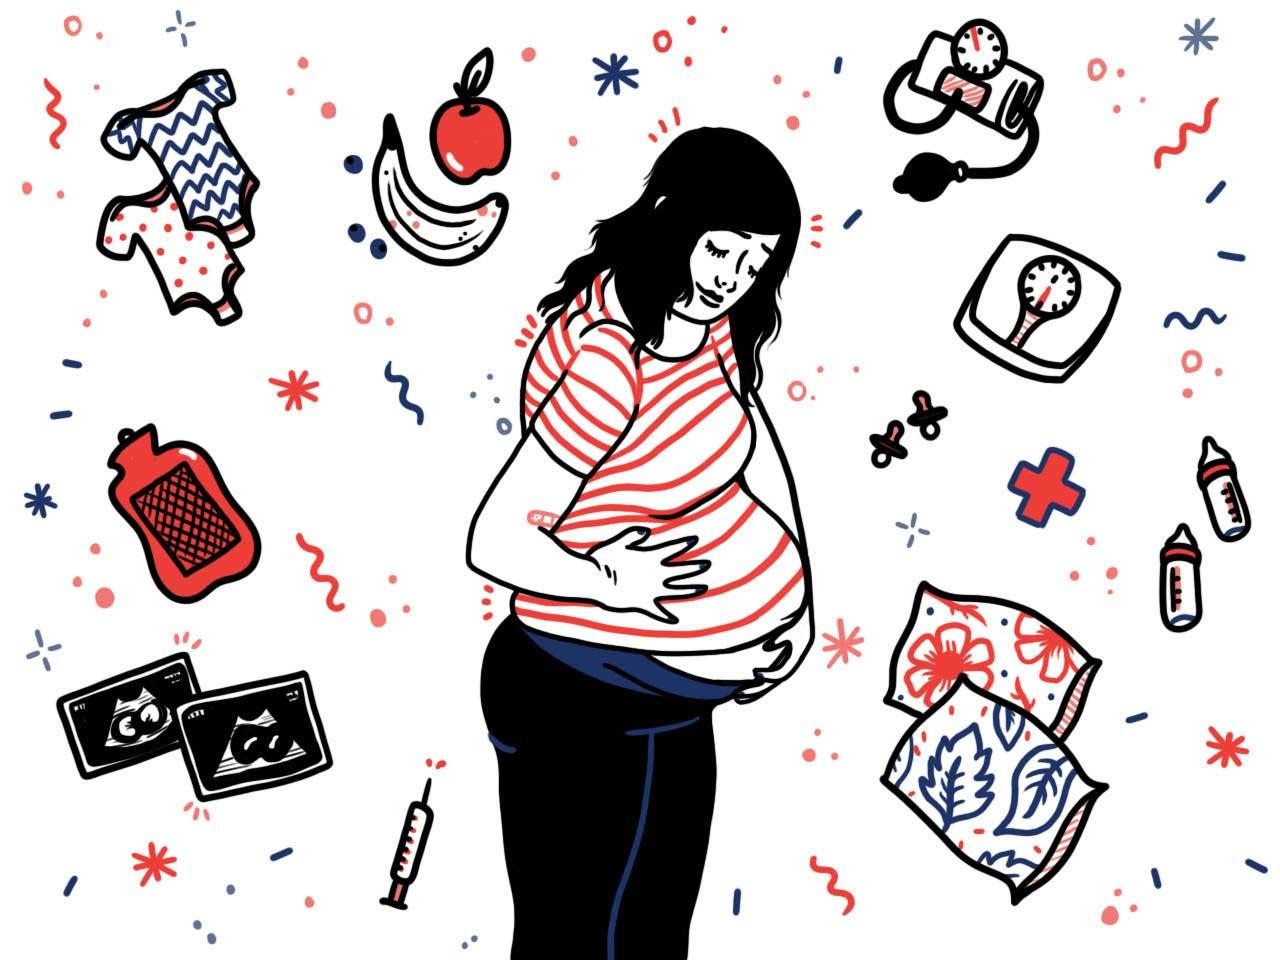 بارداری و اسبابکشی